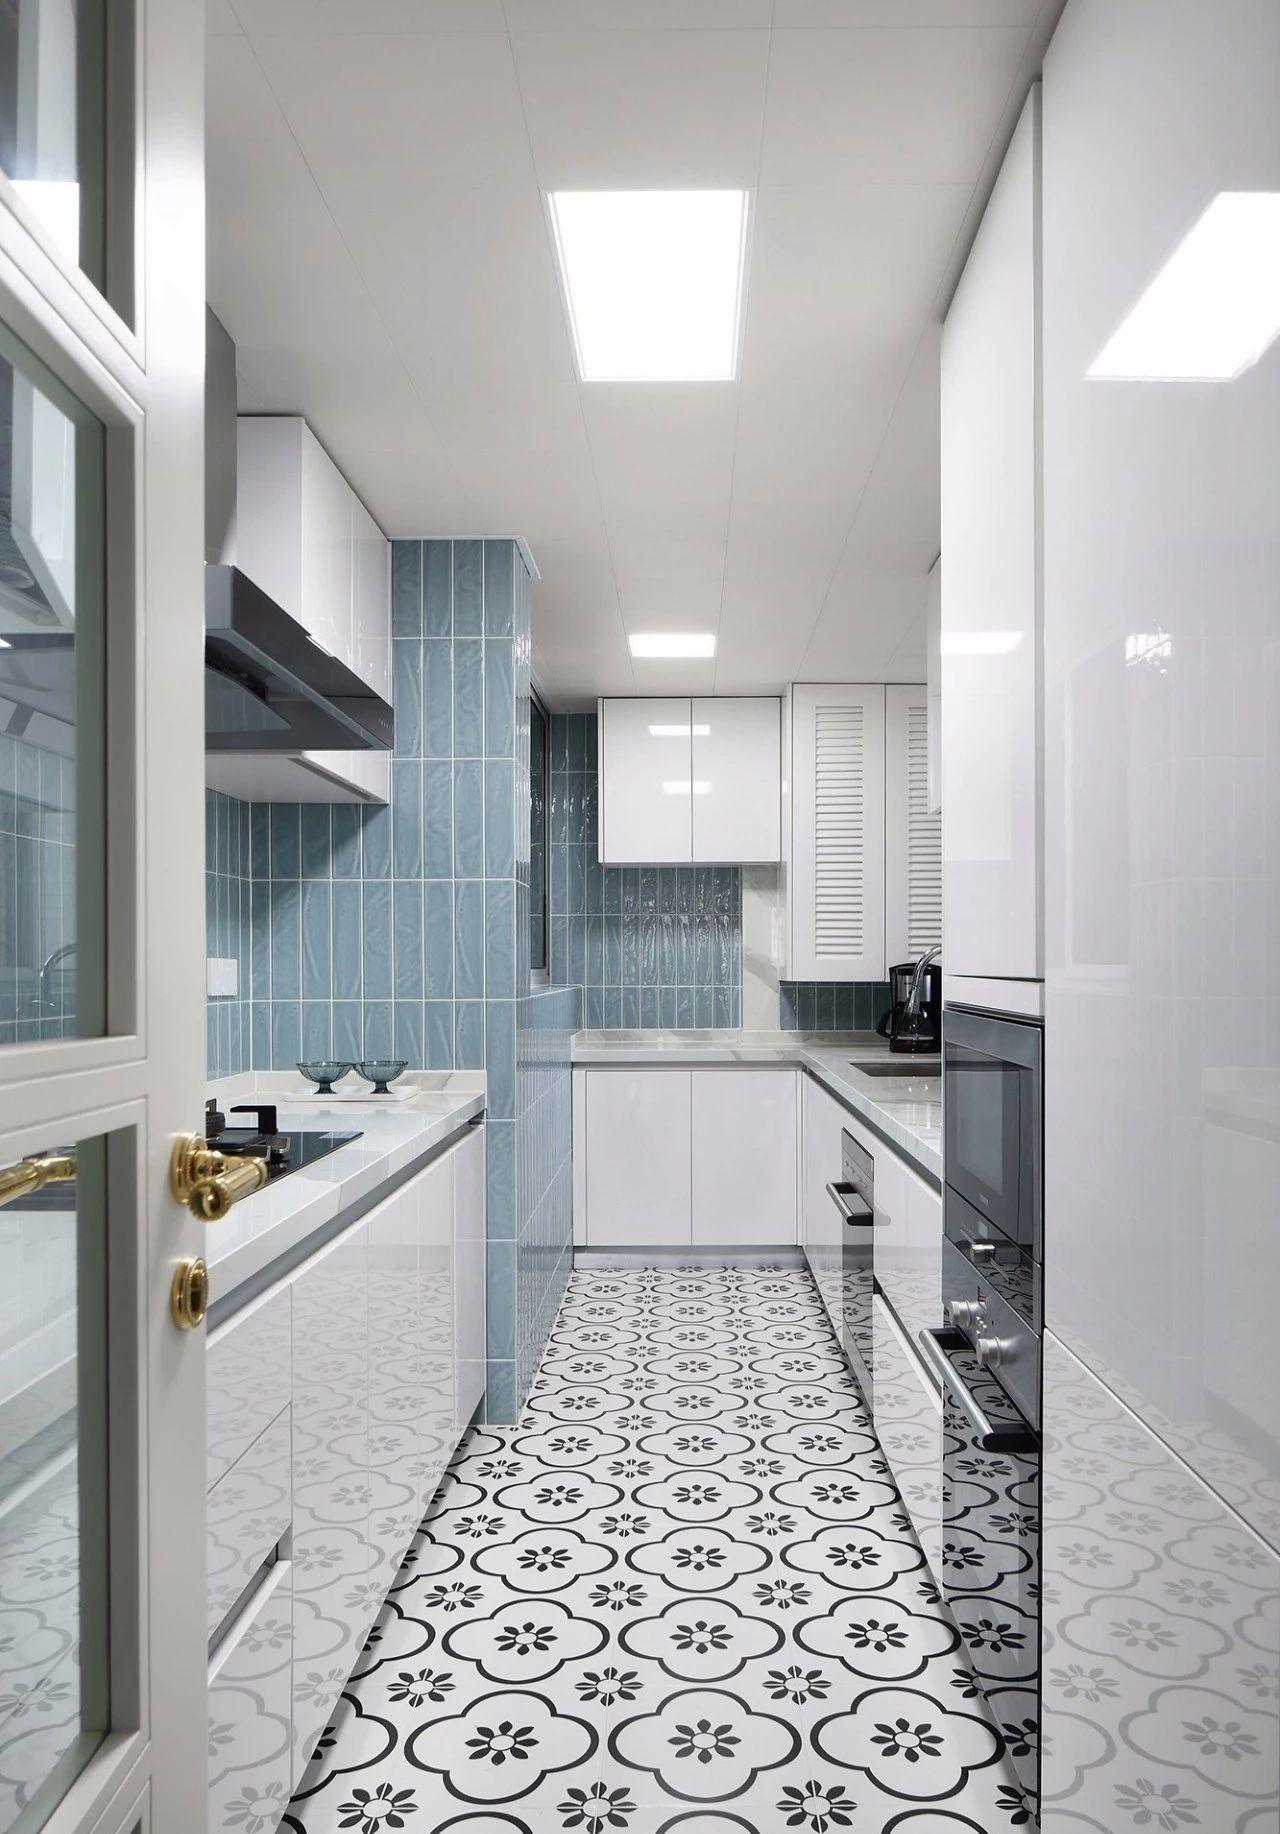 混搭 轻奢 现代 元素 全案设计 厨房图片来自鹏友百年装饰在温柔雅奢INS风的分享